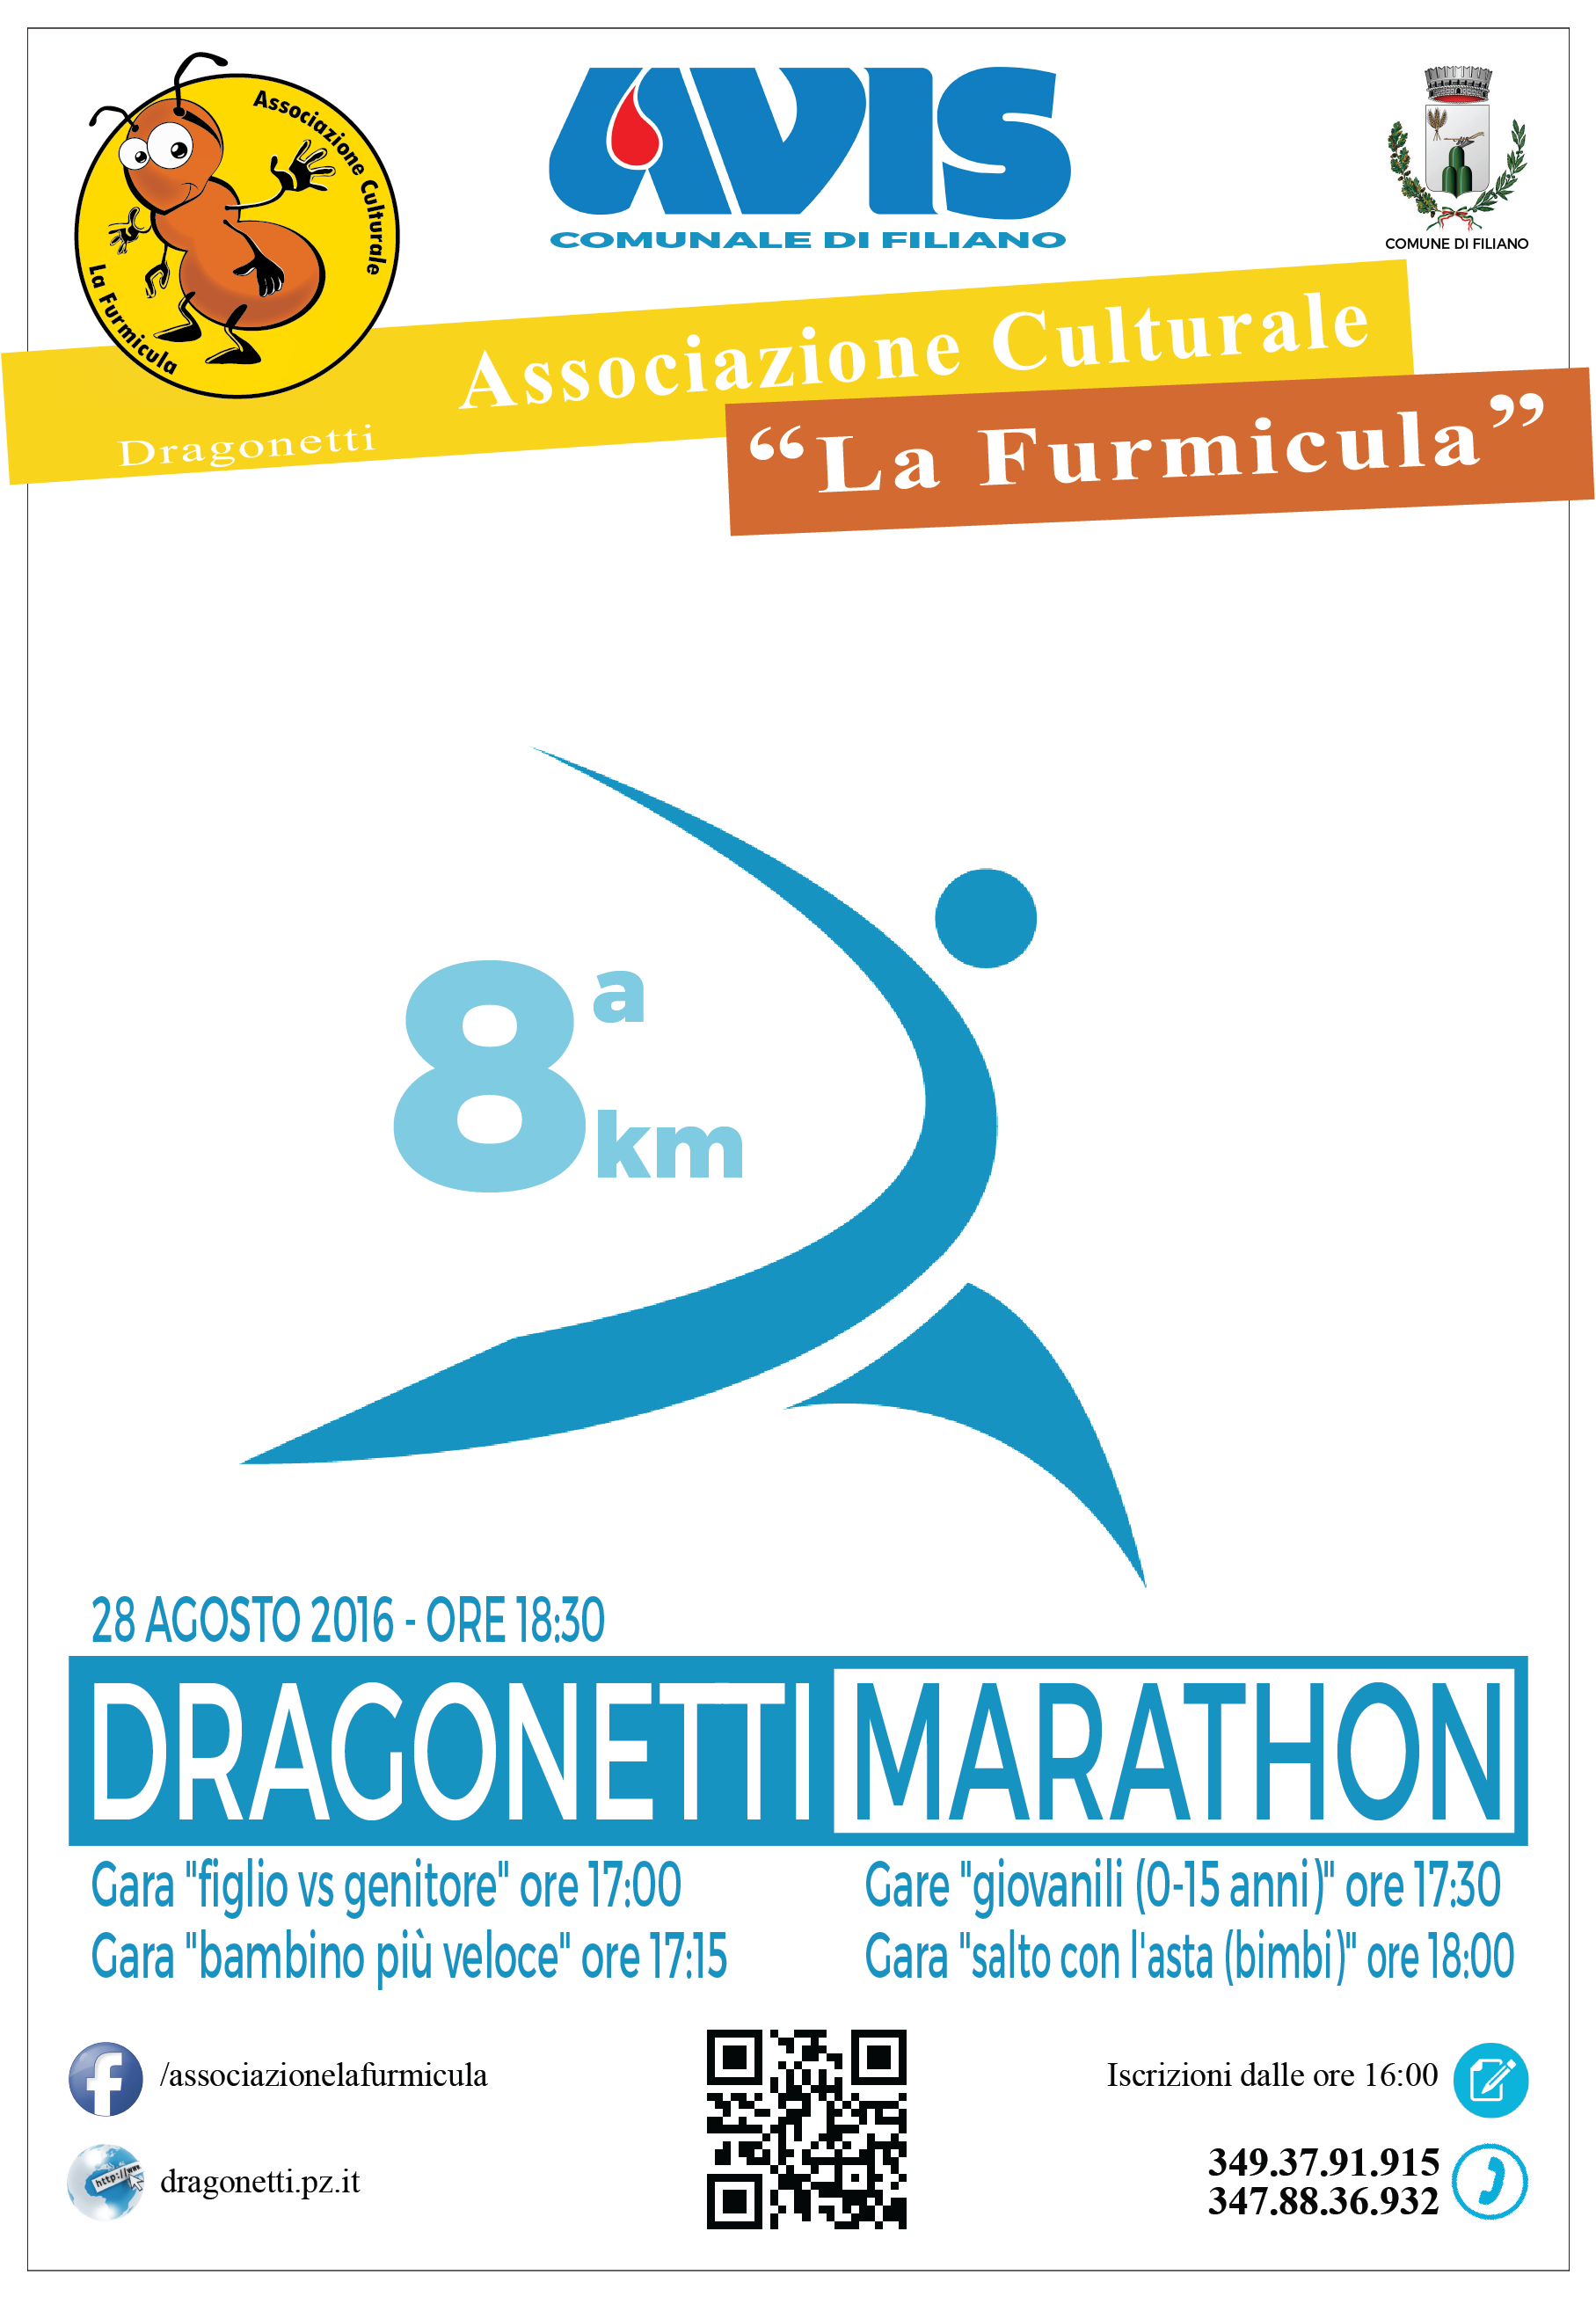 2016 maratona di Dragonetti 8km